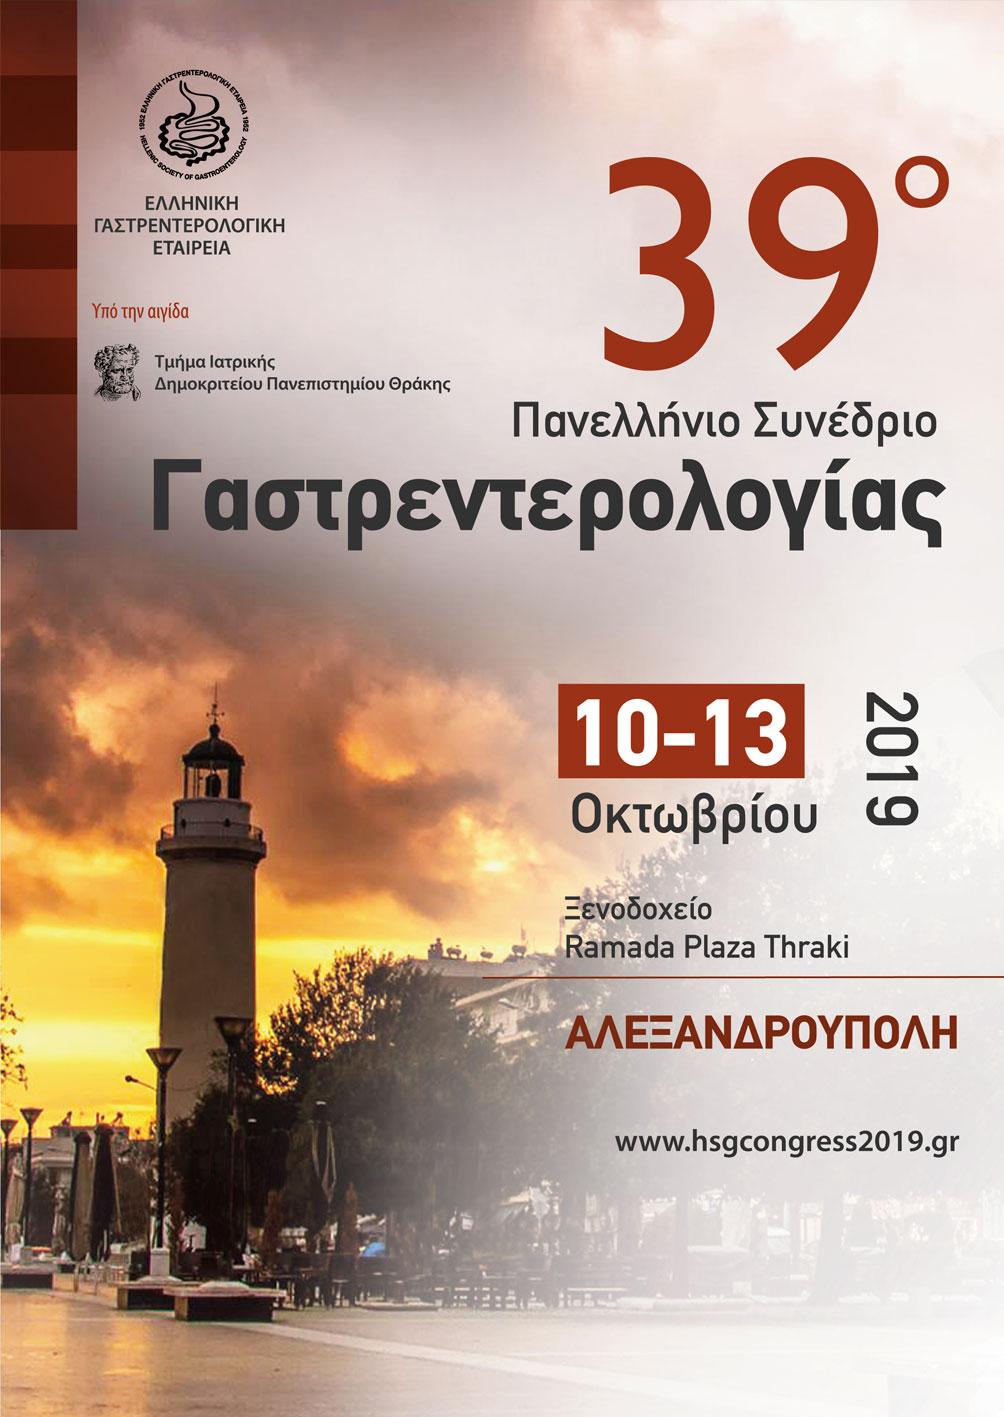 39ο Πανελλήνιο Γαστρεντερολογικό Συνέδριο 2